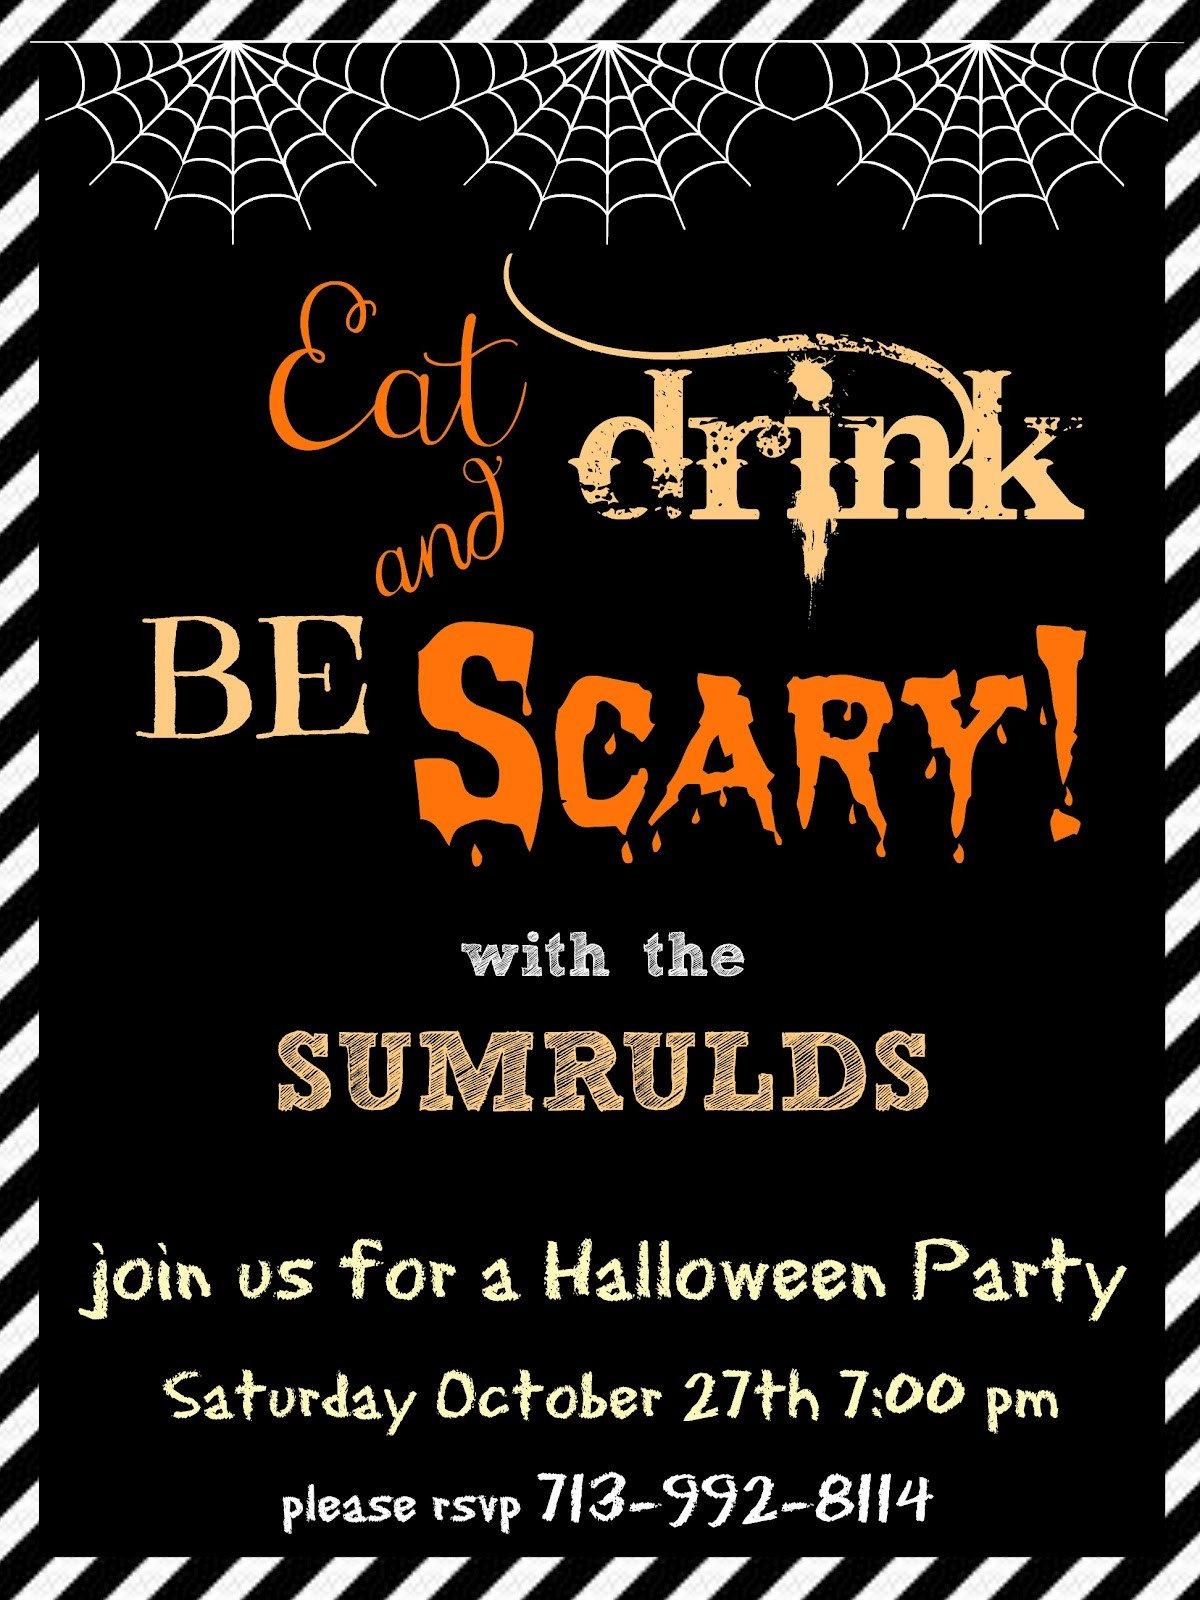 Halloween Party Invitation Templates Halloween Party Invitation Templates Free – Festival